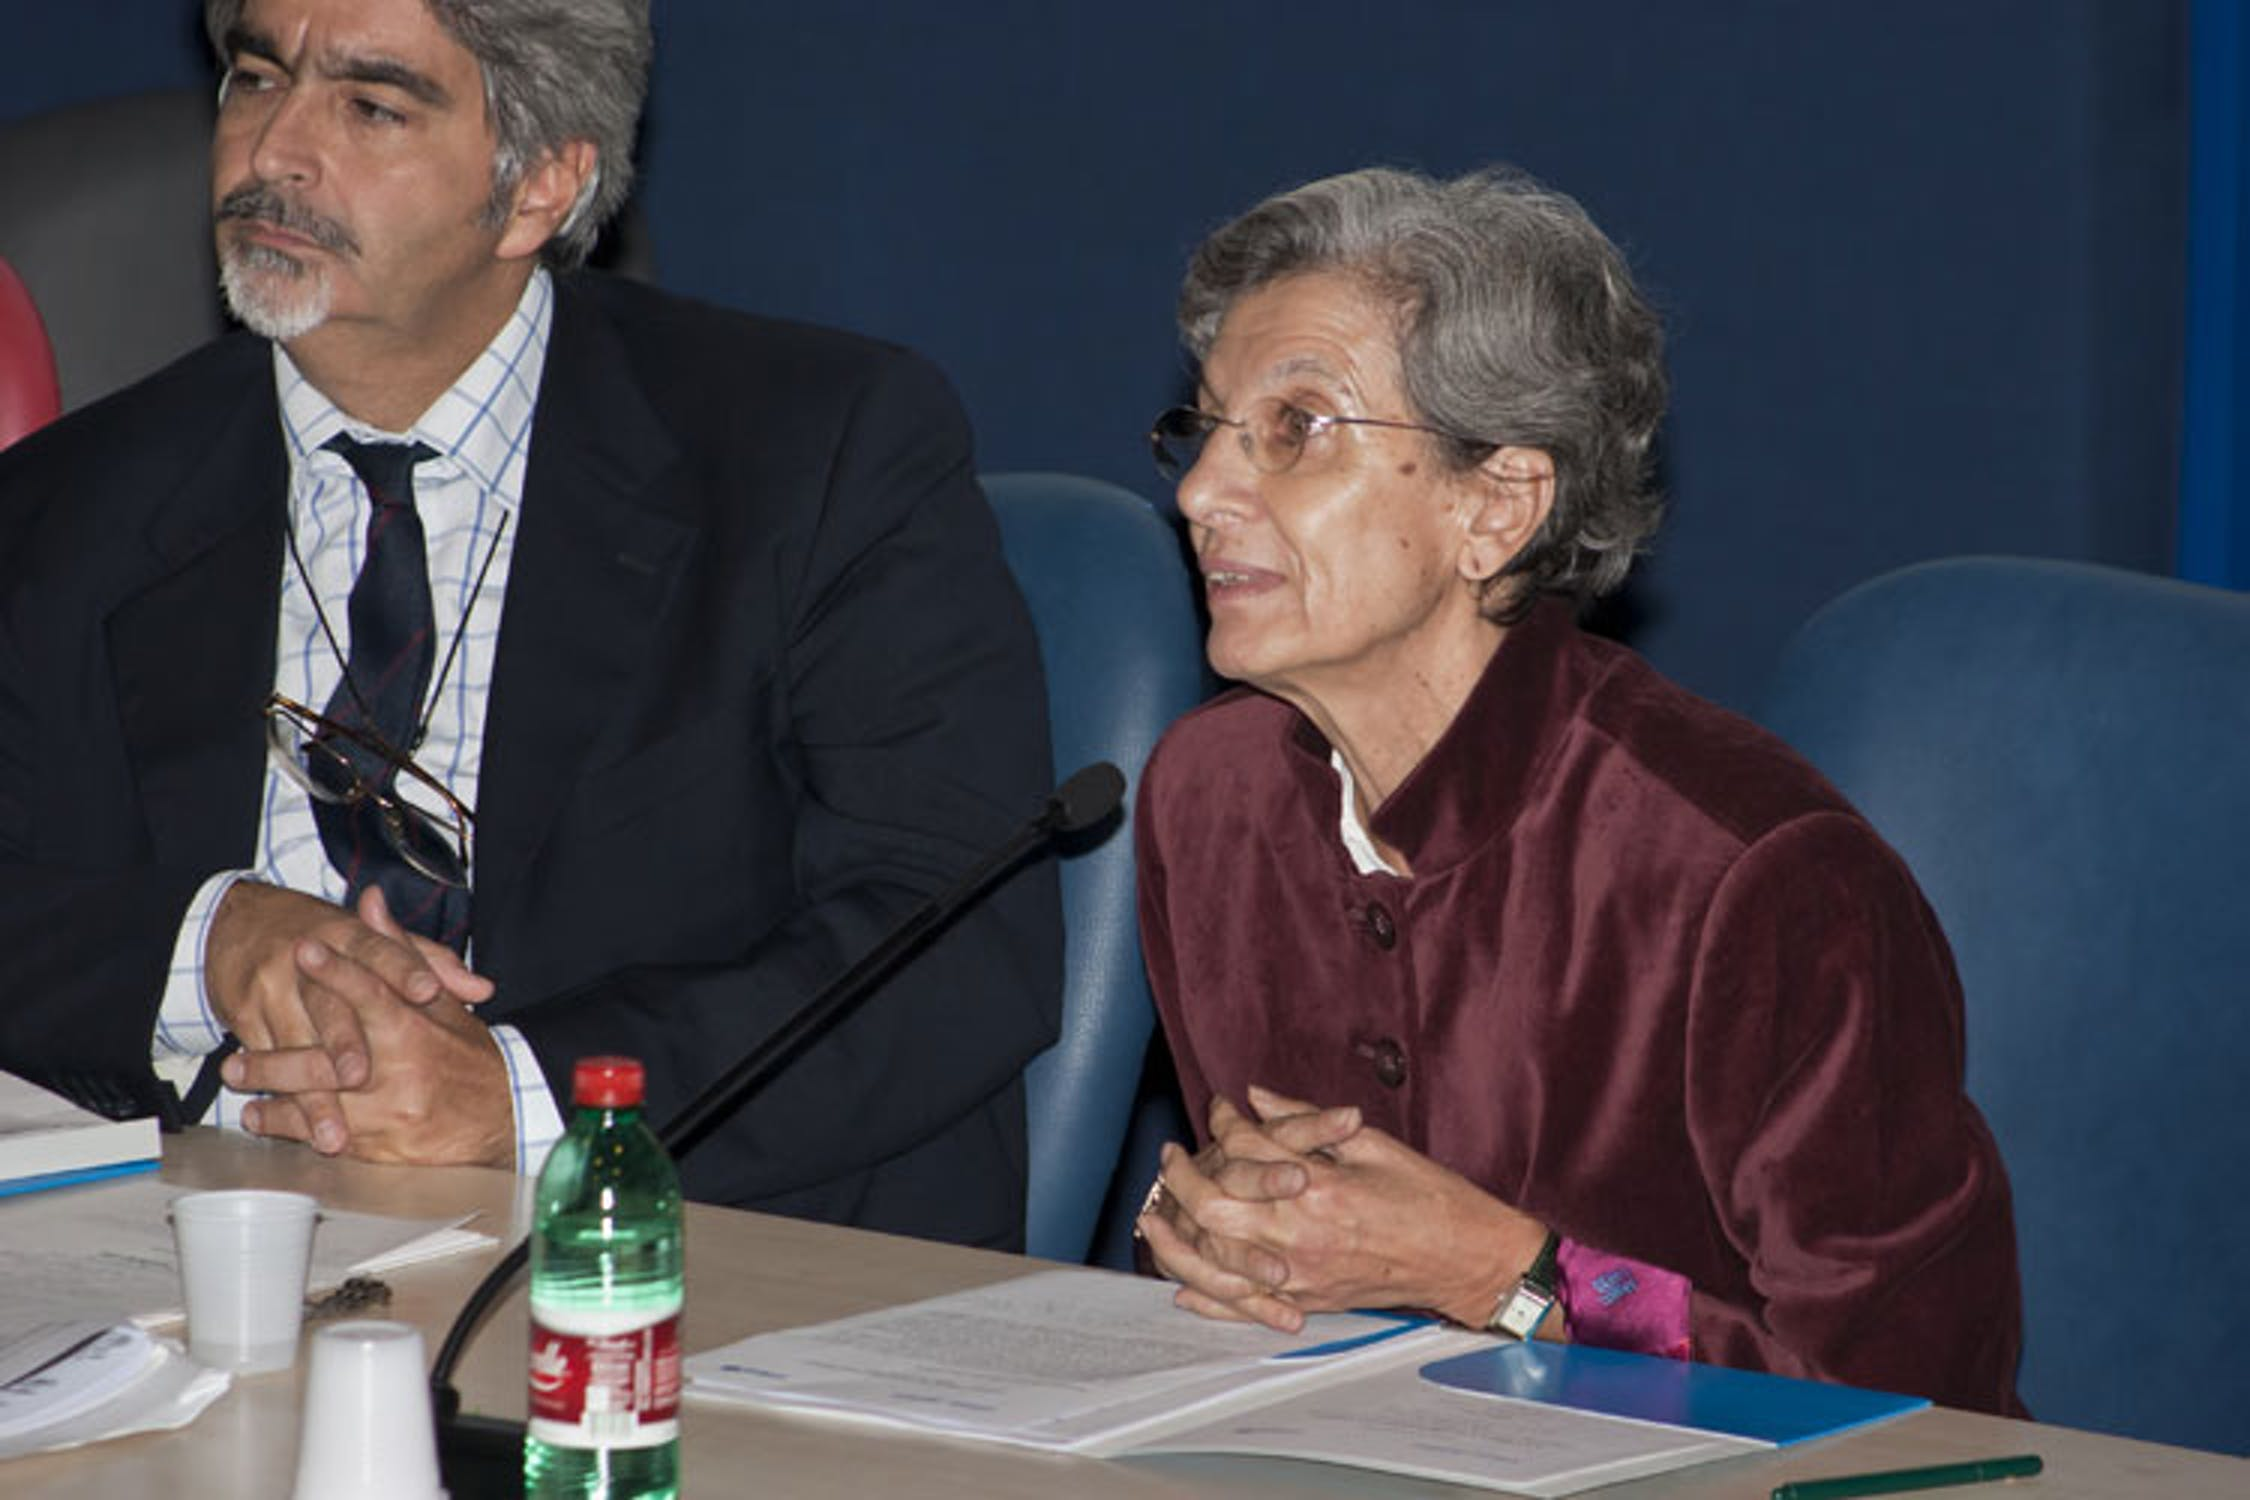 La sociologa Chiara Saraceno durante il suo intervento al Convegno - ©UNICEF Italia/2011/A.Longobardi